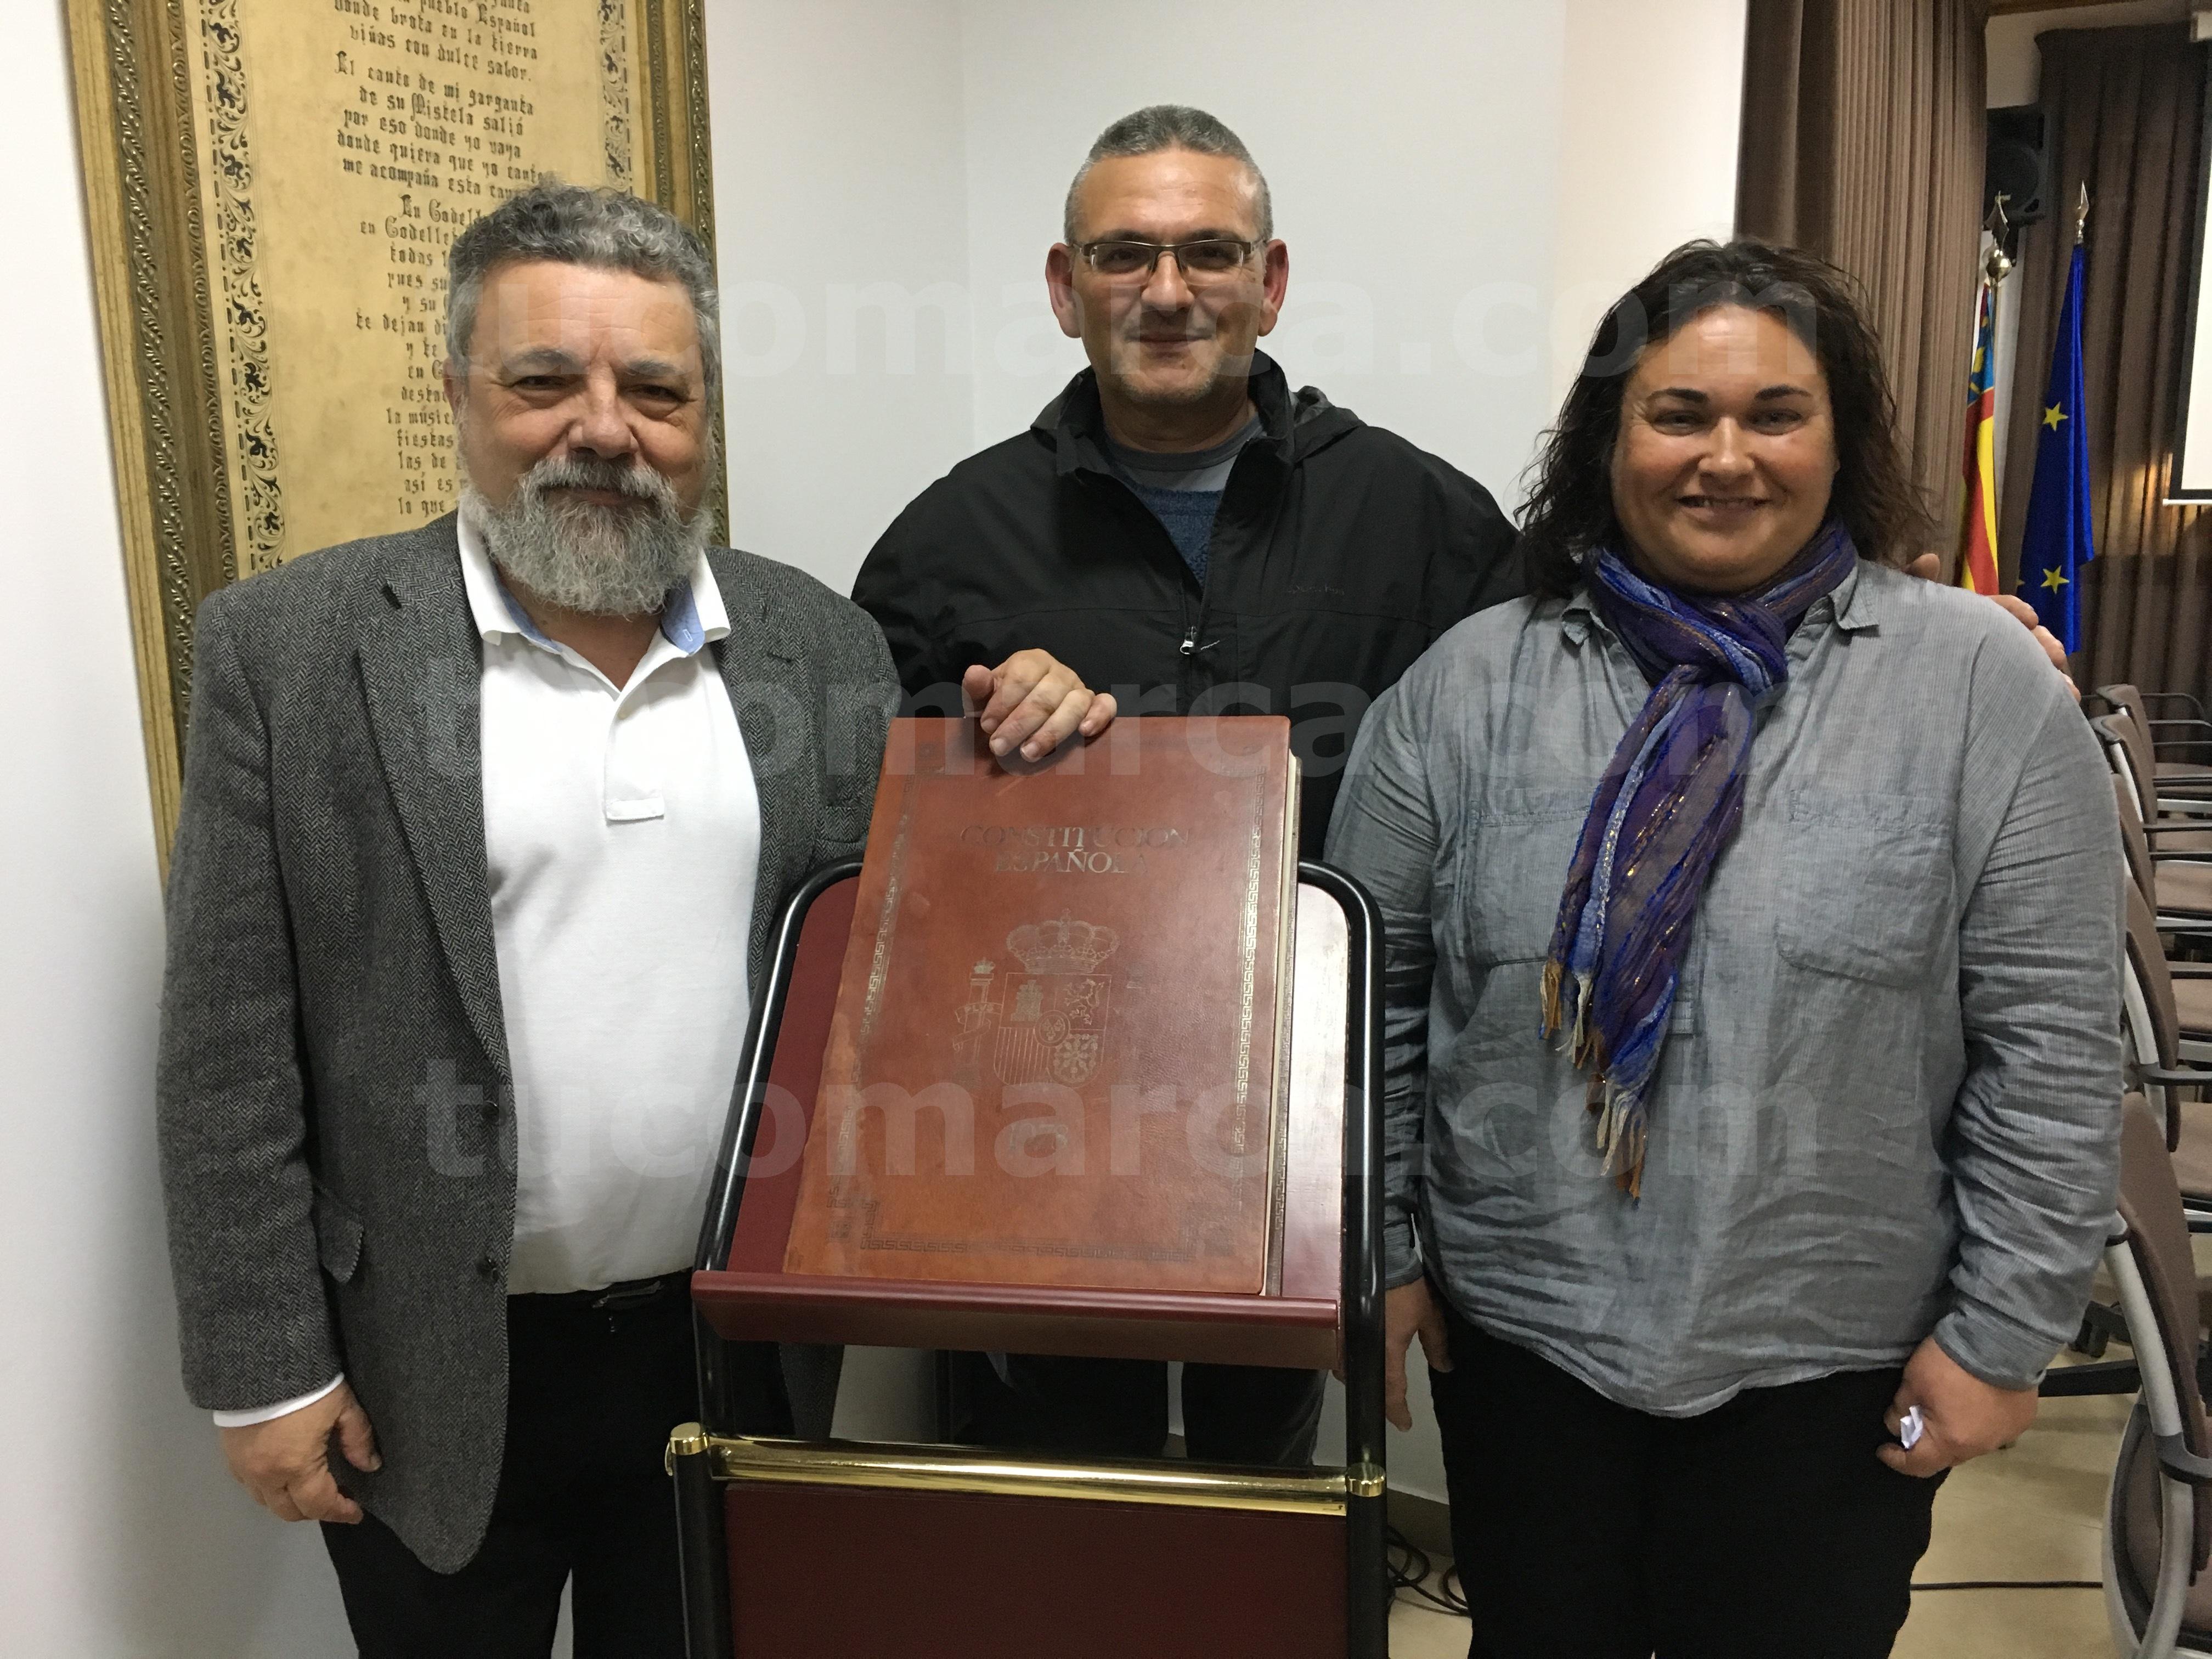 Los concejales de EU-PUG de Godelleta Pablo Rodríguez, José María García y Paqui González.